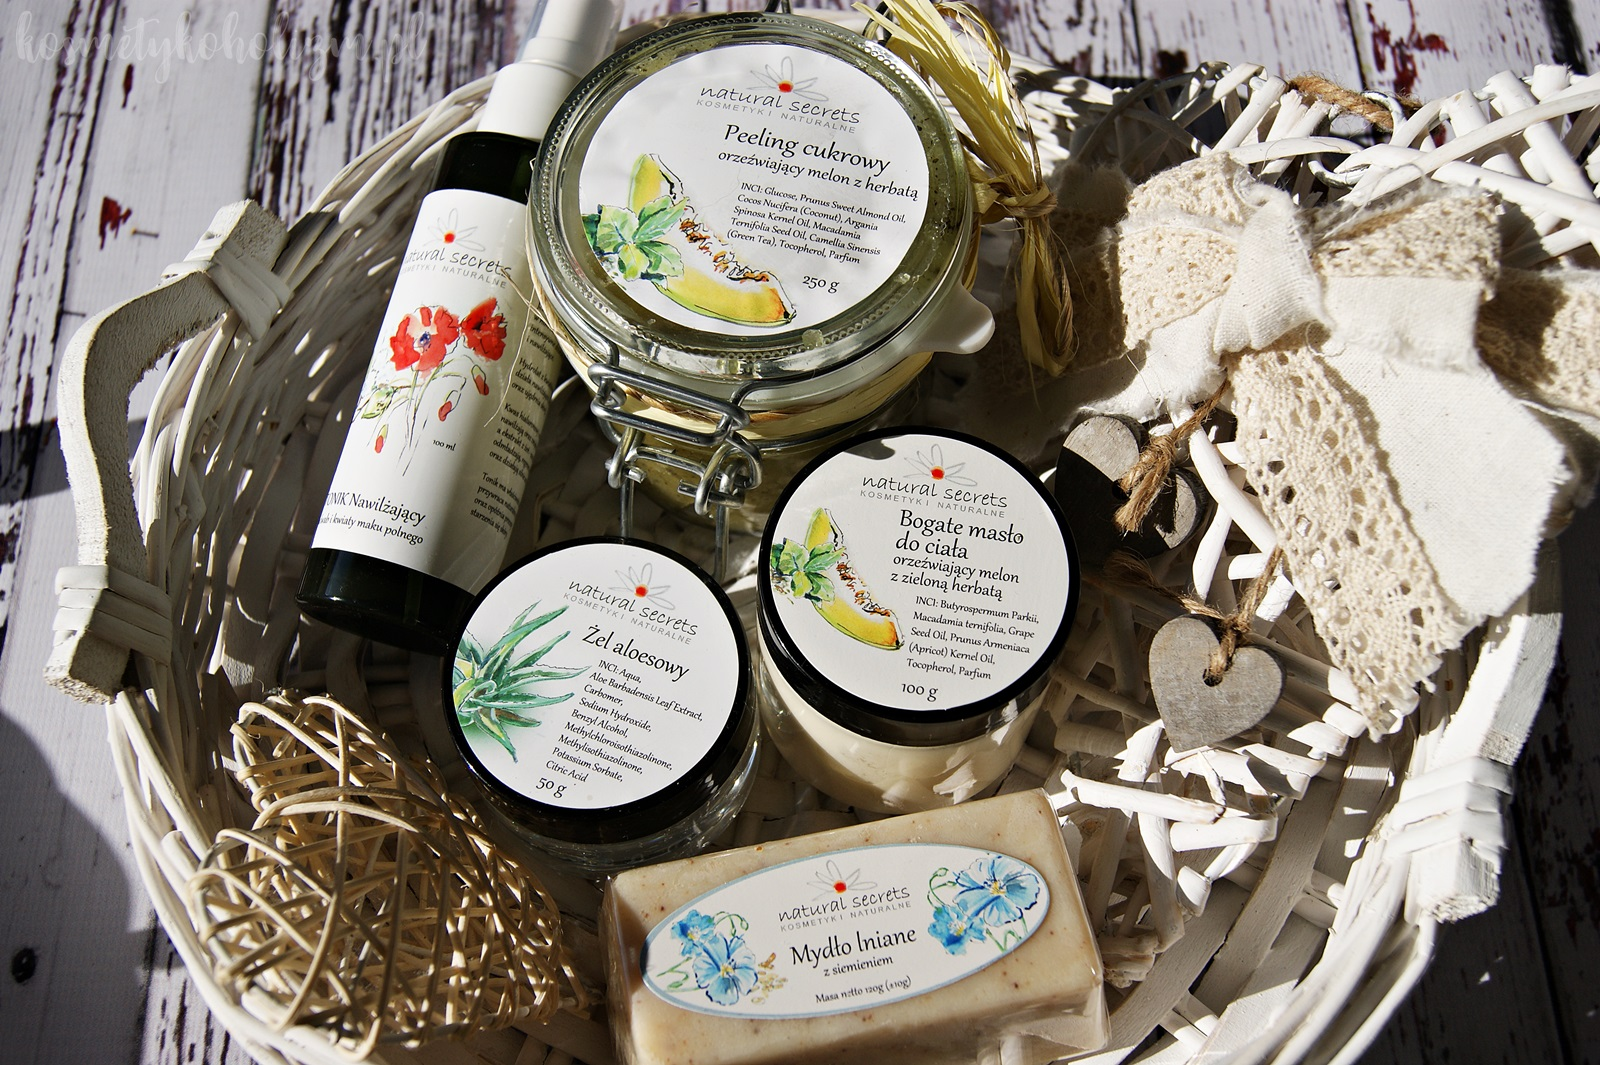 Natural Secrets naturalne, ręcznie produkowane kosmetyki